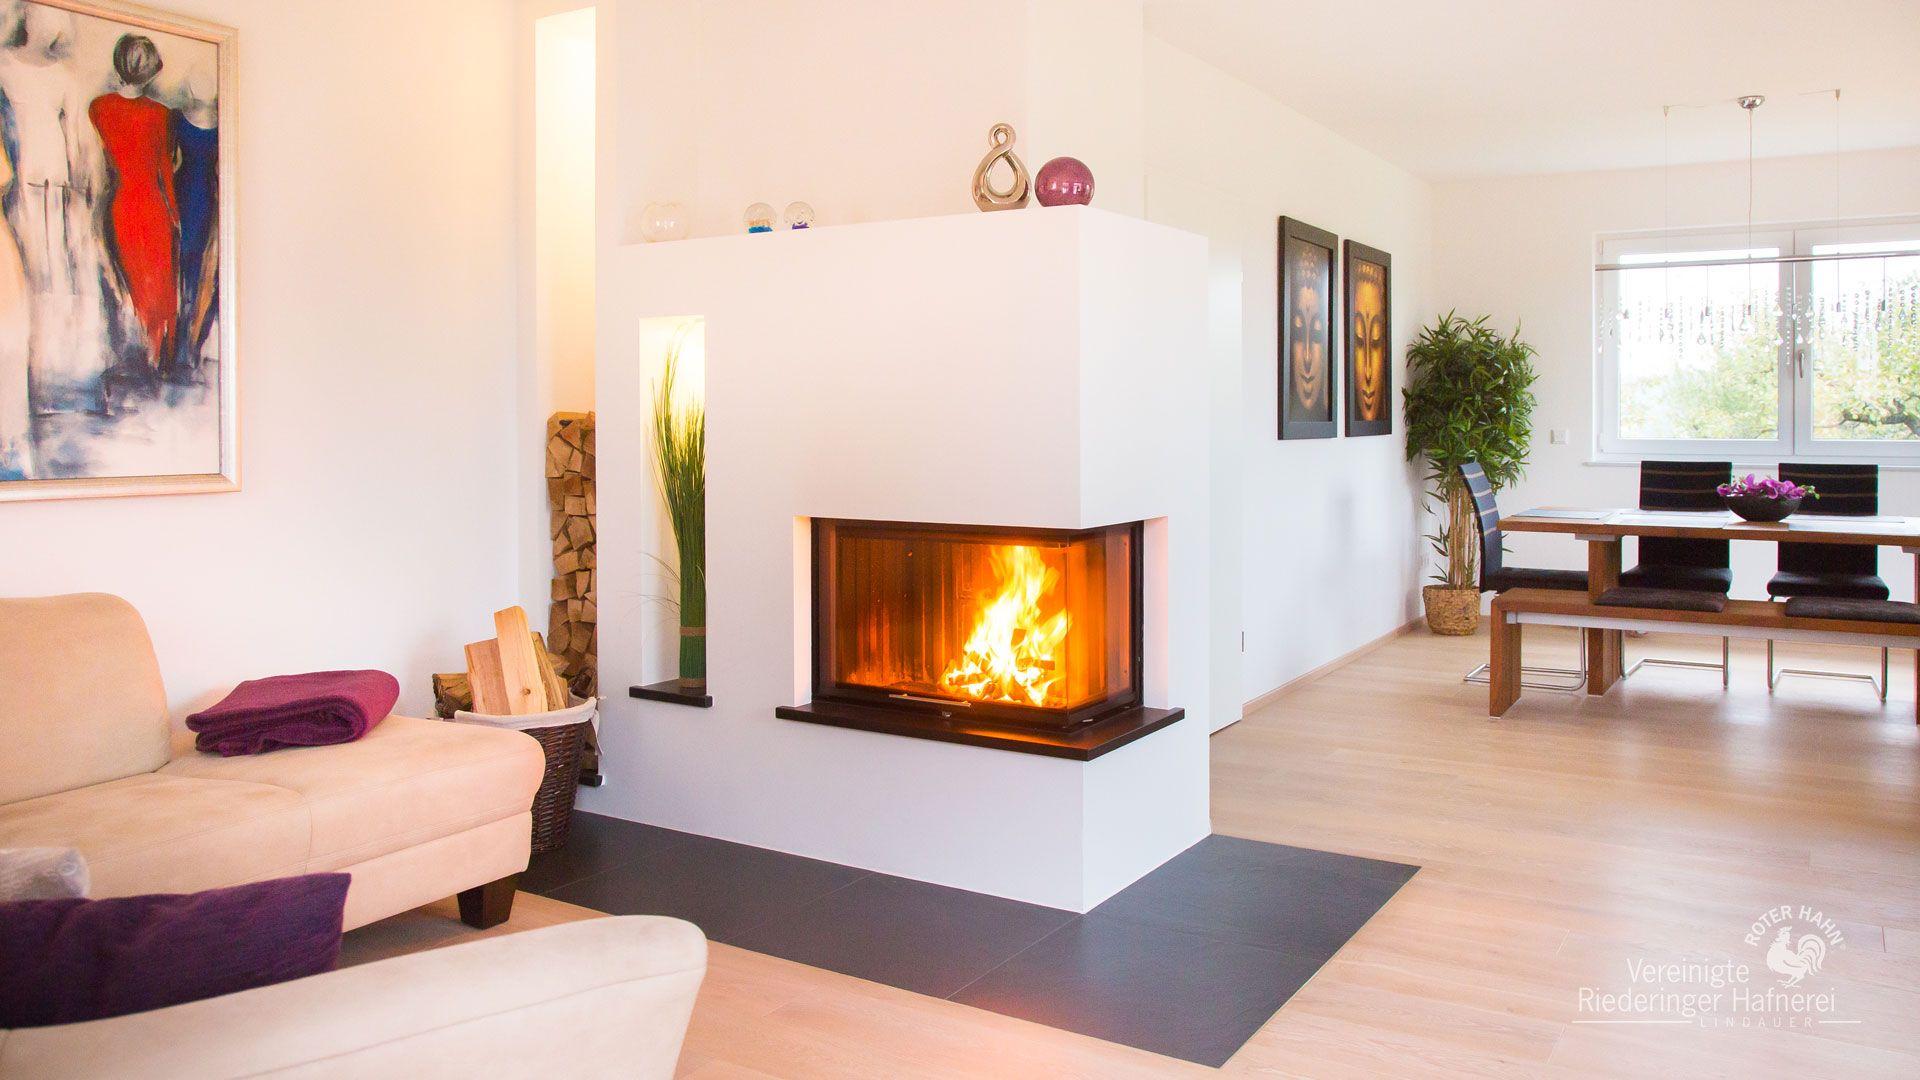 heizkamin schlicht wei gemauert mit stahlfunkenplatte heizkamin ofen ofensetzer. Black Bedroom Furniture Sets. Home Design Ideas